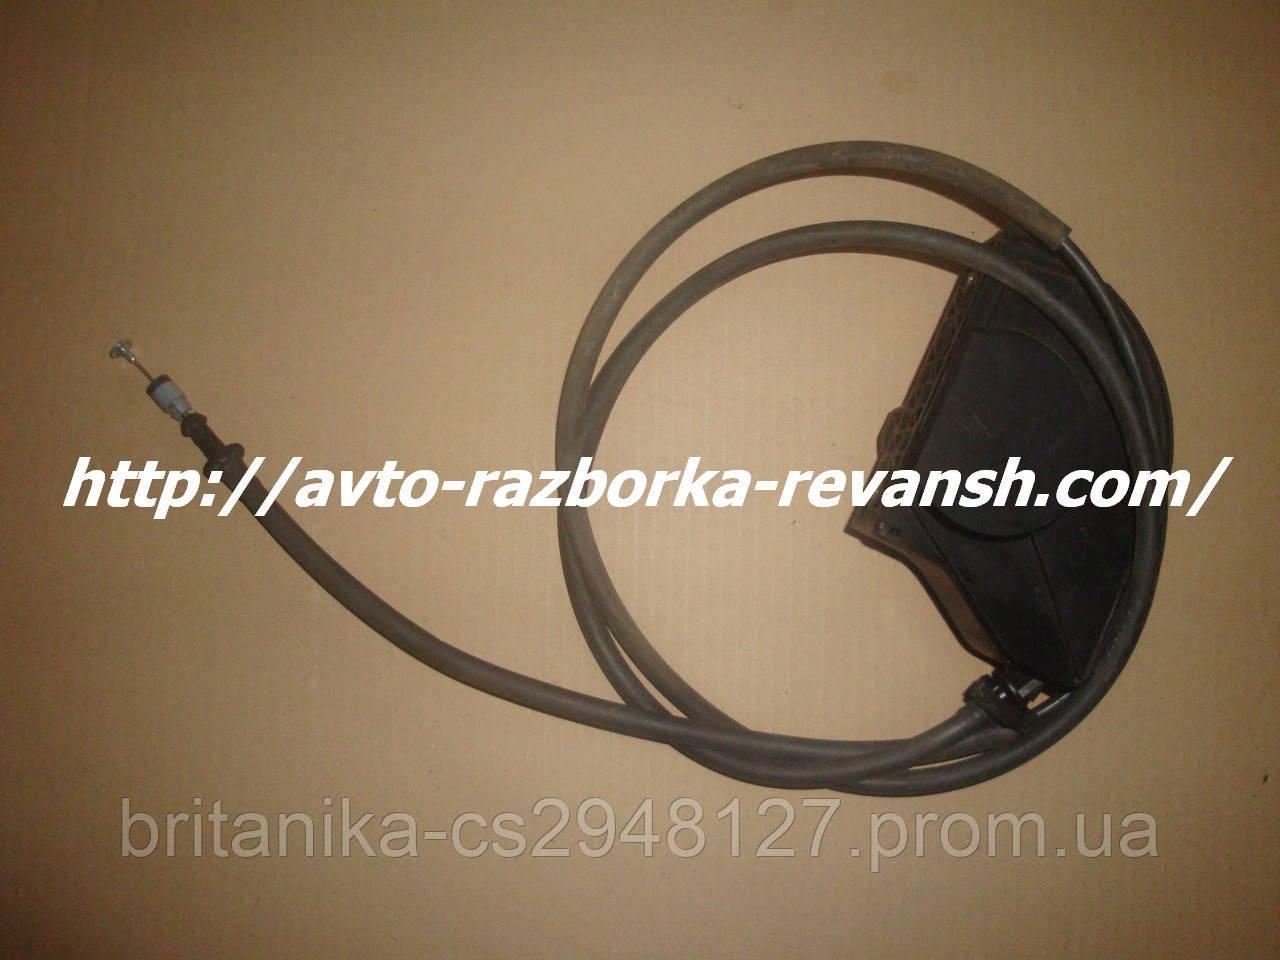 Педаль газу електронна газулька Джип Гранд Черокі WJ бо 52850618АС